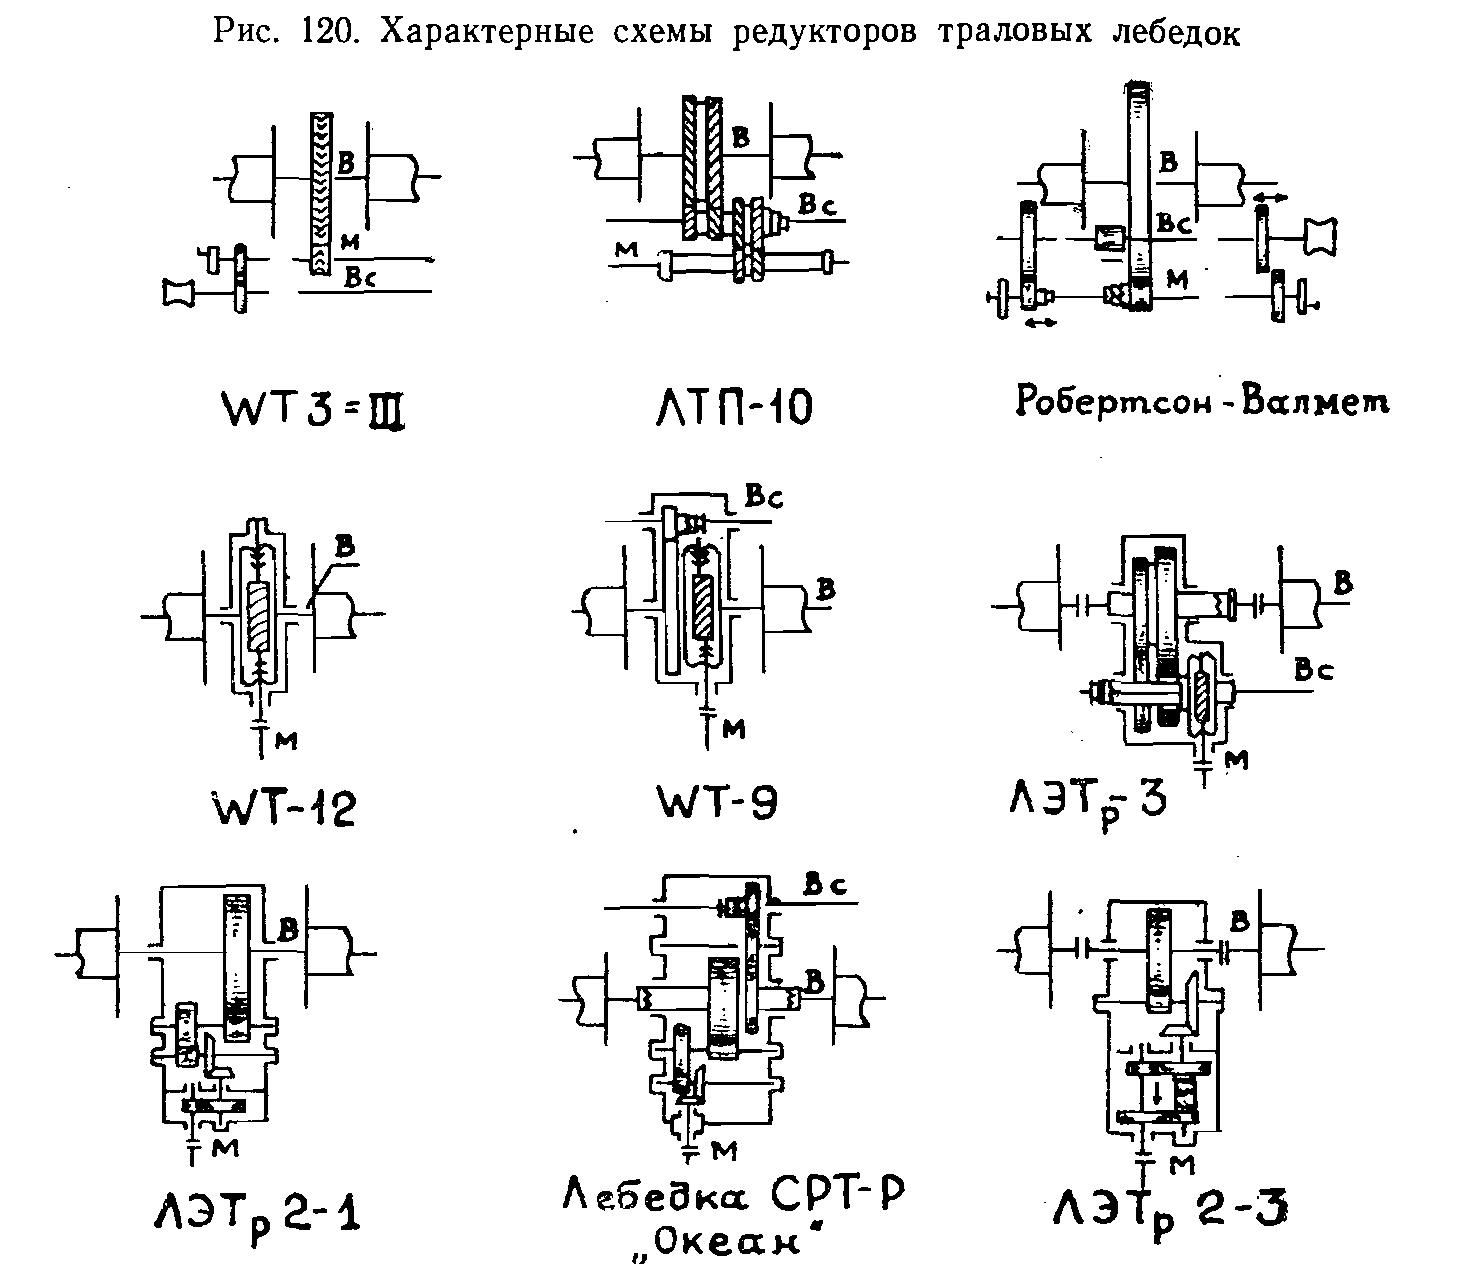 кинематическая схема редуктора и принцип работы